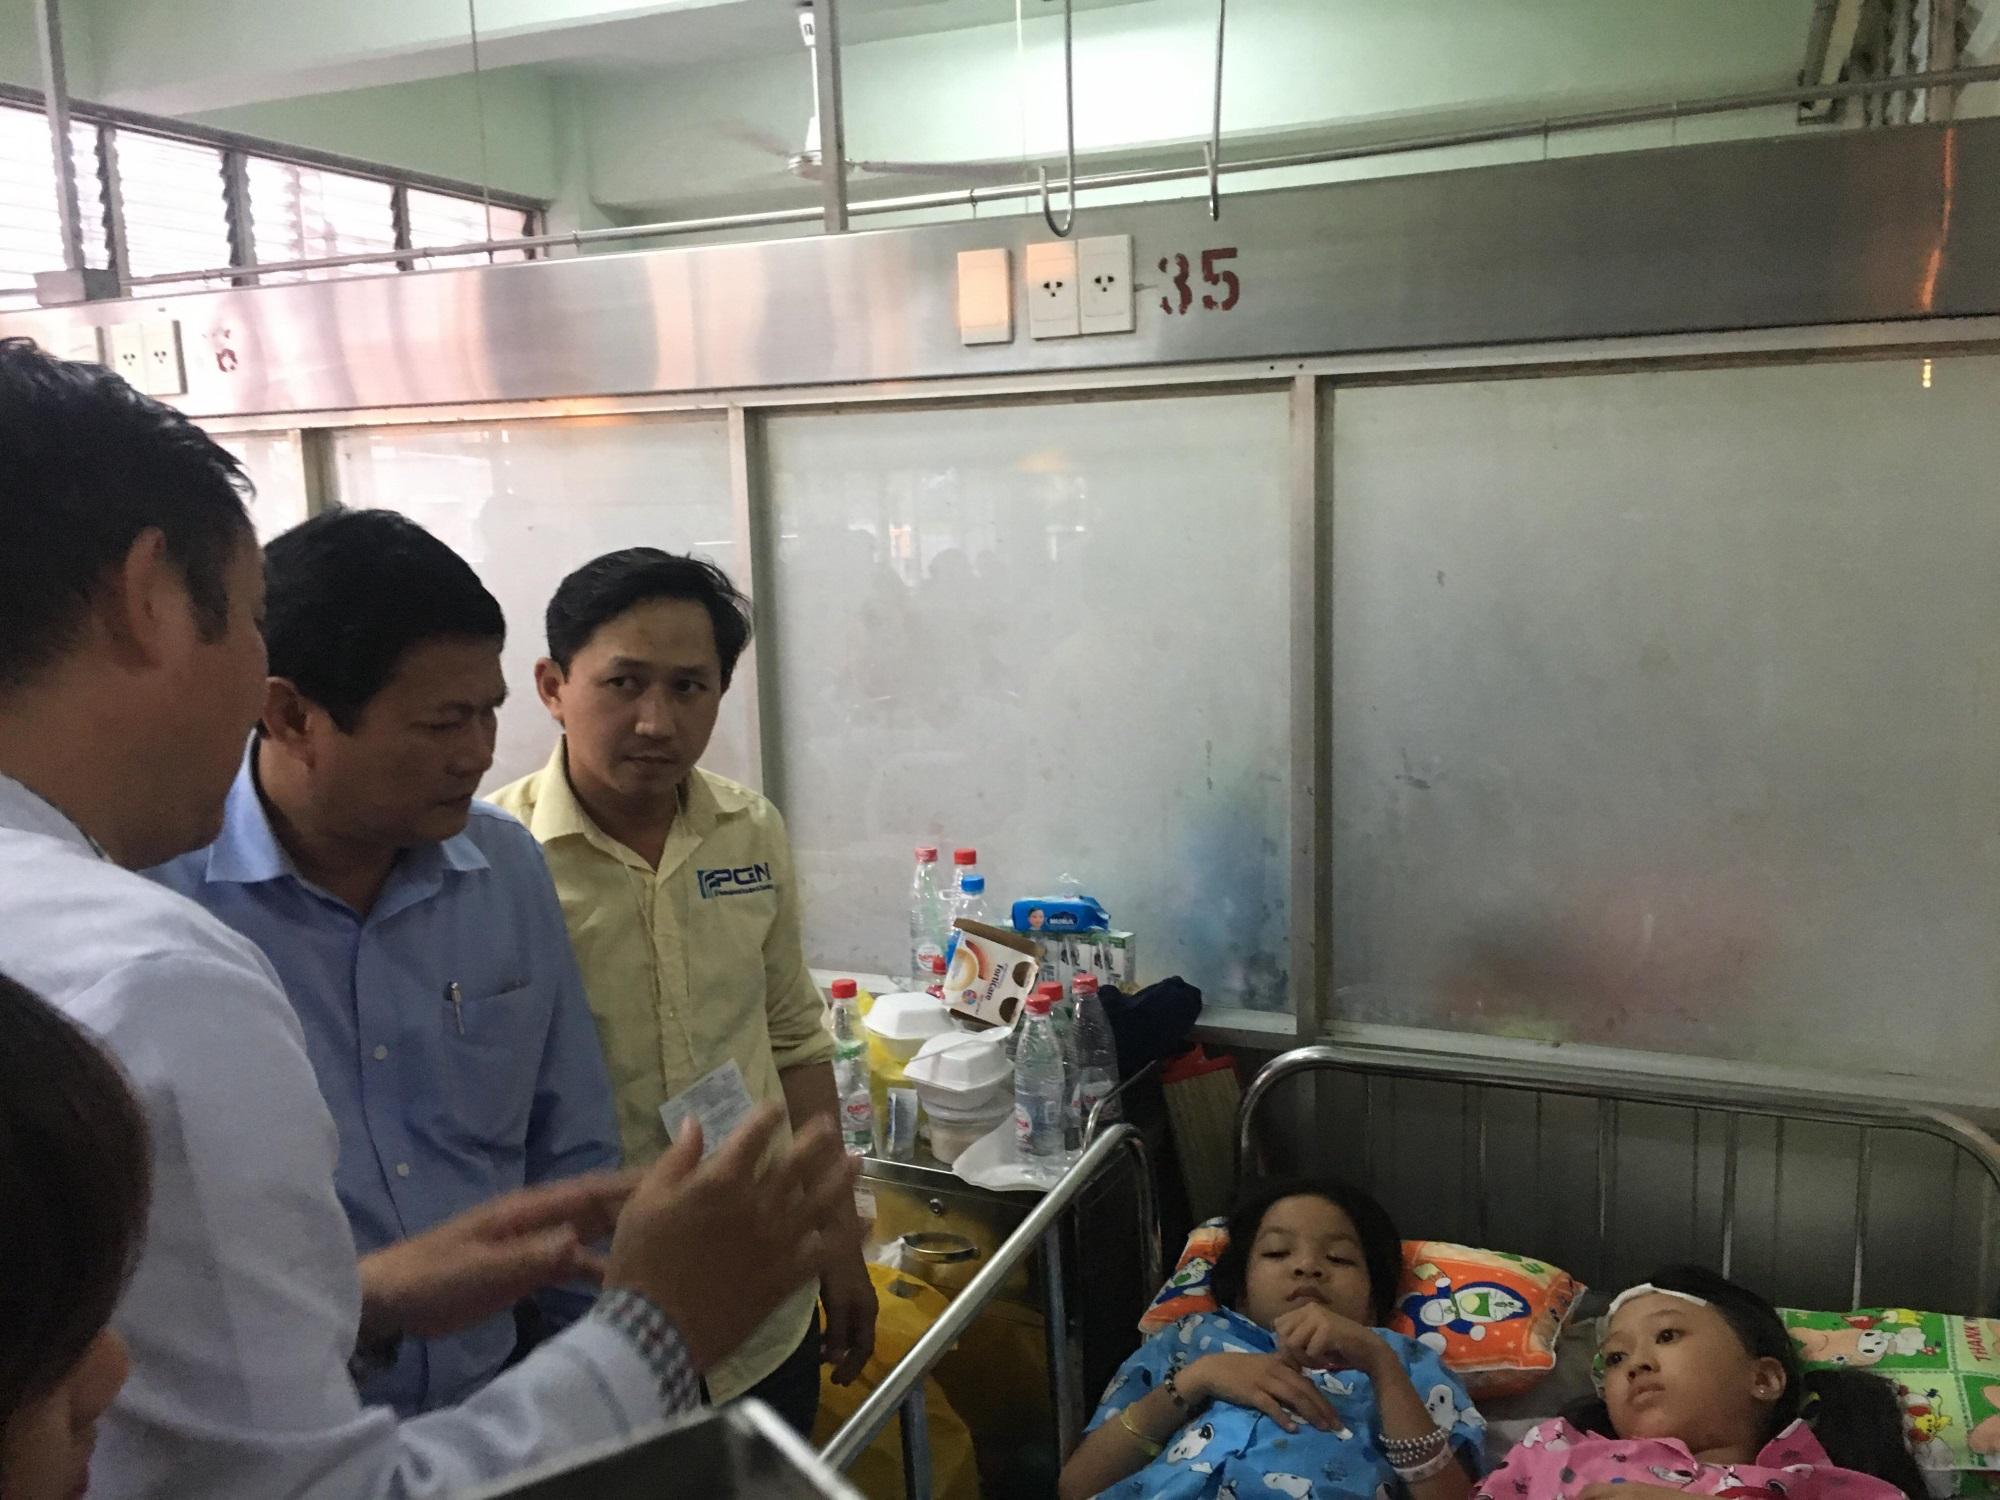 Phó Chủ tịch UBND TPHCM thăm học sinh bị sâp giàn giáo trong ngày 20/11 - Ảnh 1